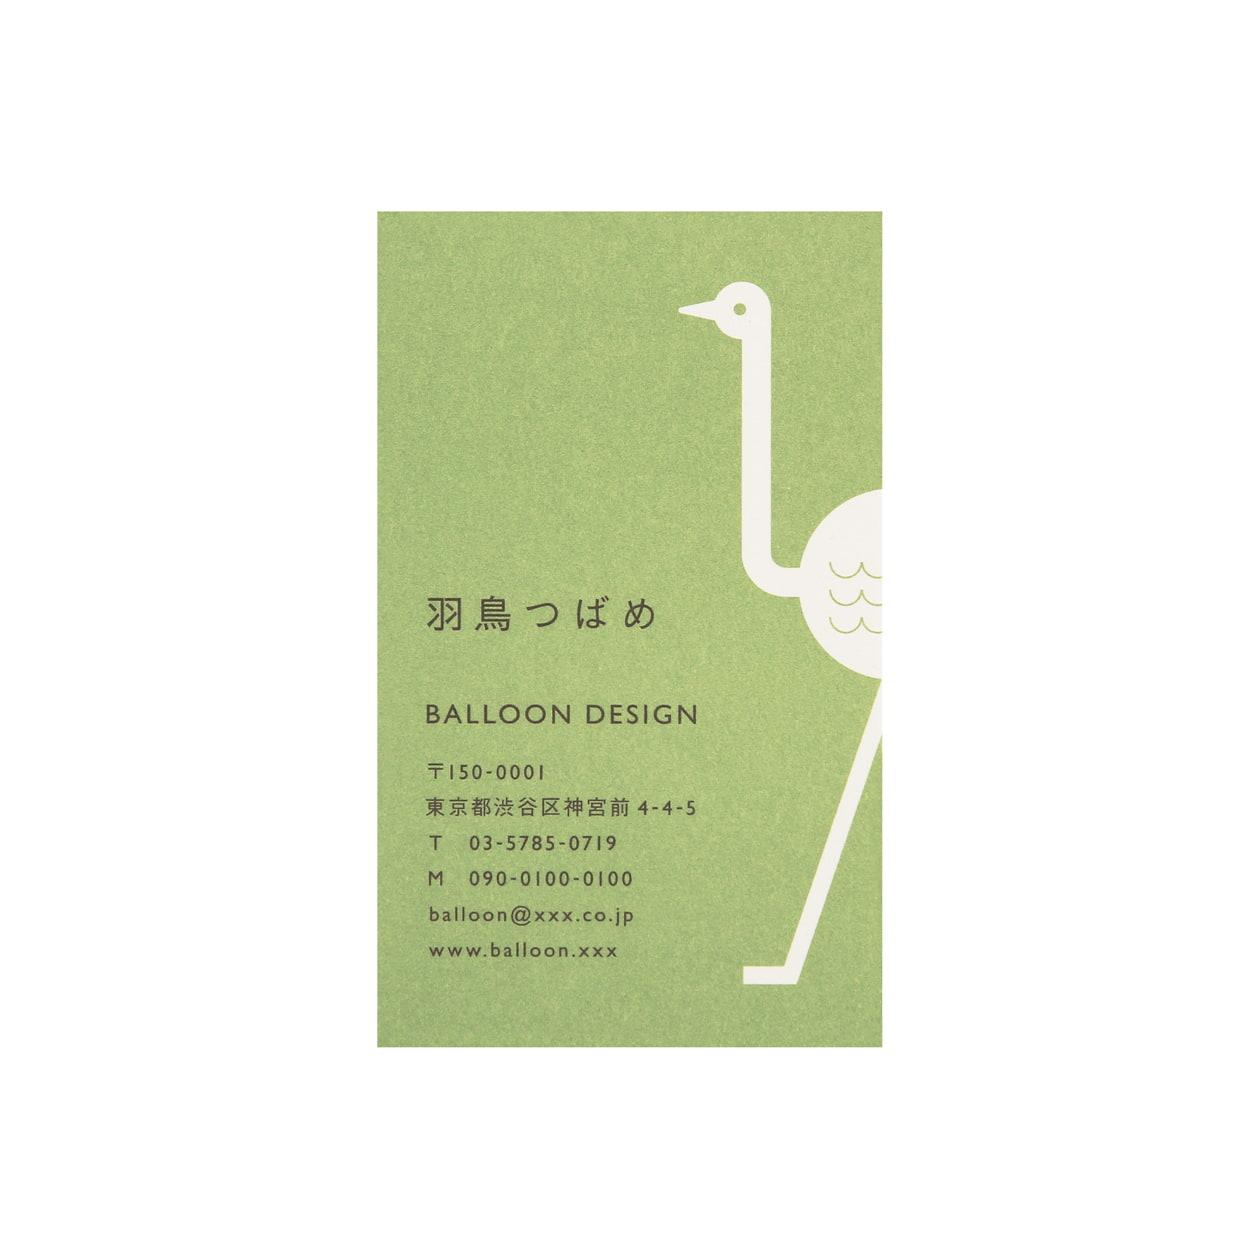 サンプル カード・シート 00491